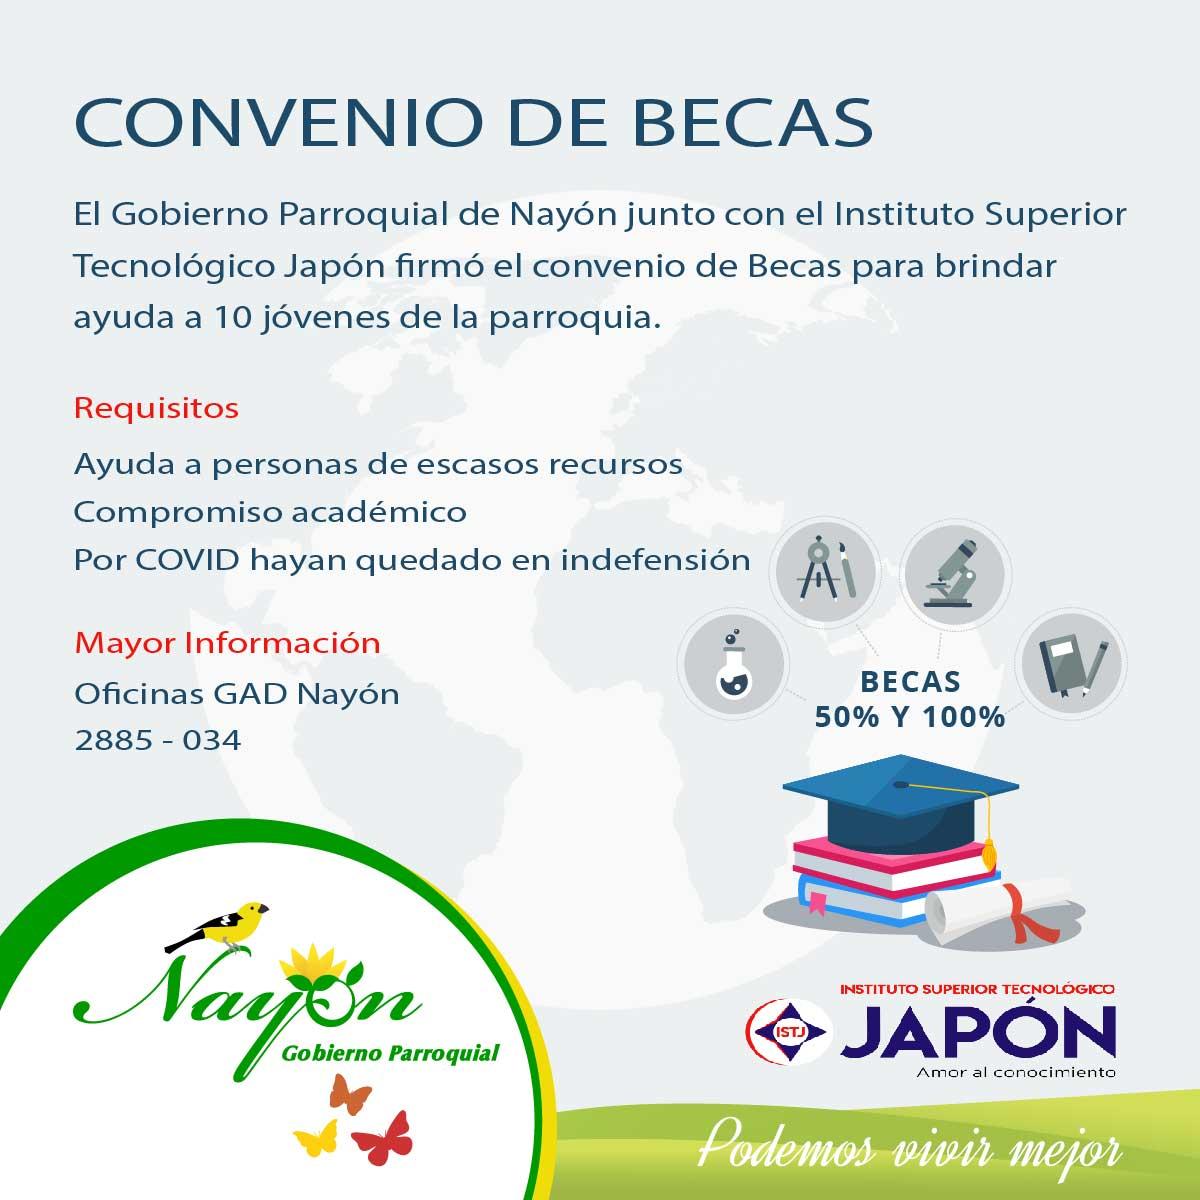 Convenio de Becas - ITS Japón